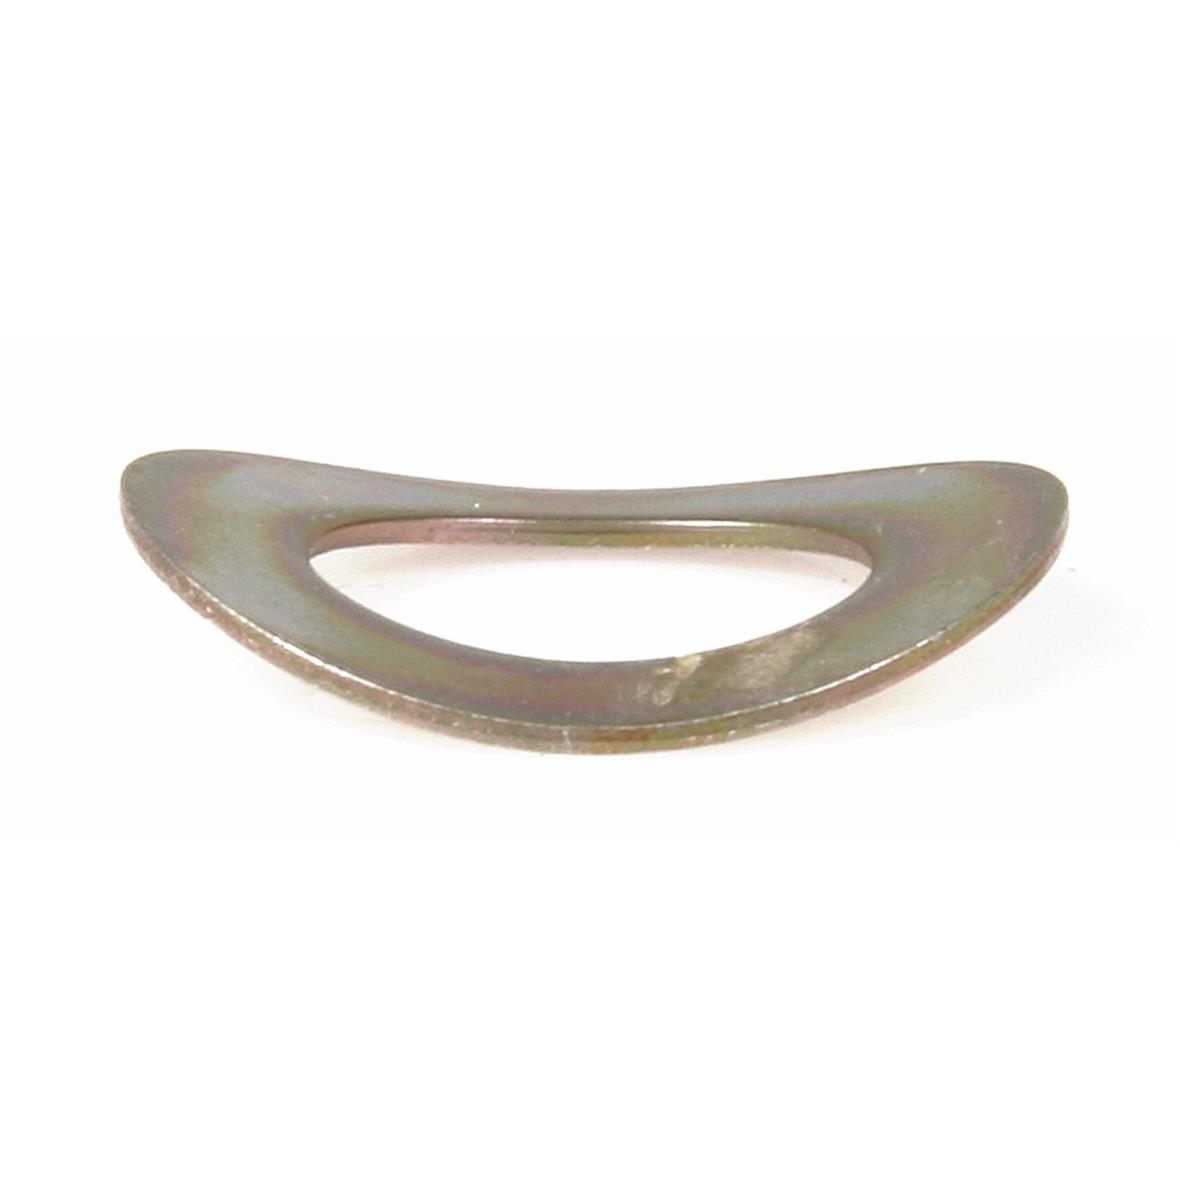 Image du produit 'Rondelle ondulée garde-boue 6,4x11x0,5 mm, PIAGGIO'